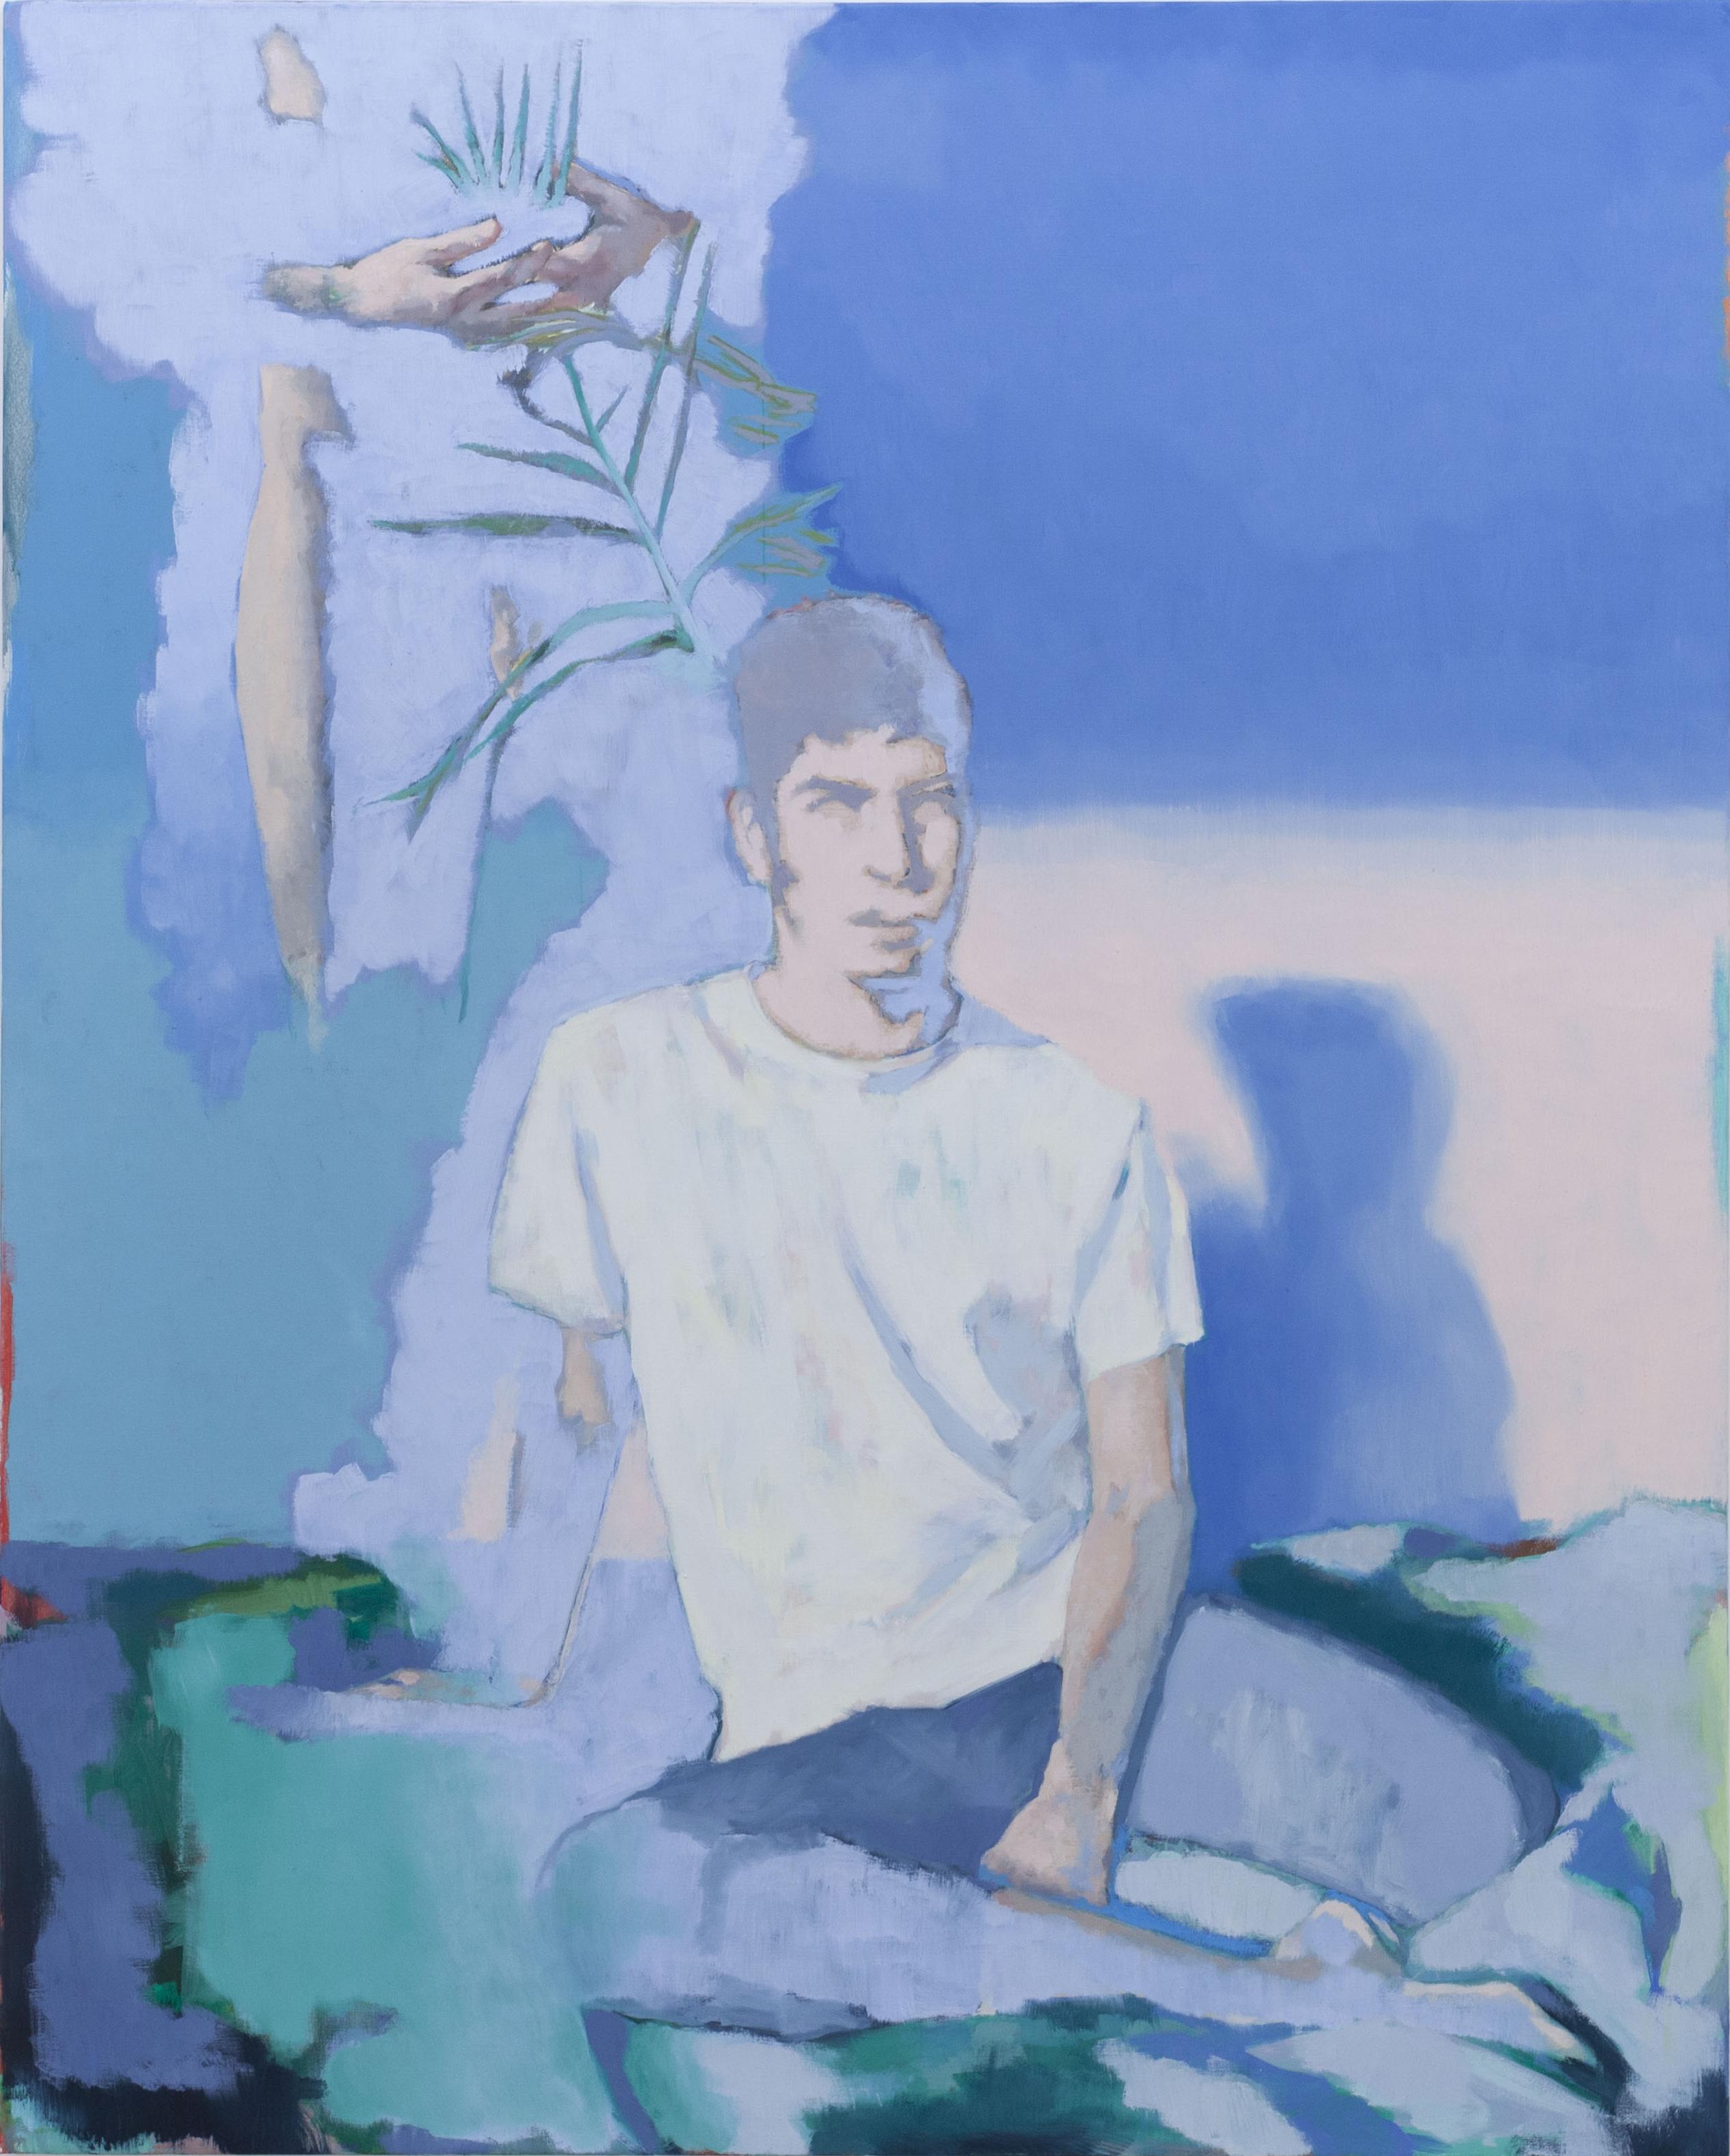 14h sur le lit, 2020, huile sur toile, 162 x 130 cm_photo Julie Coulon_web_1